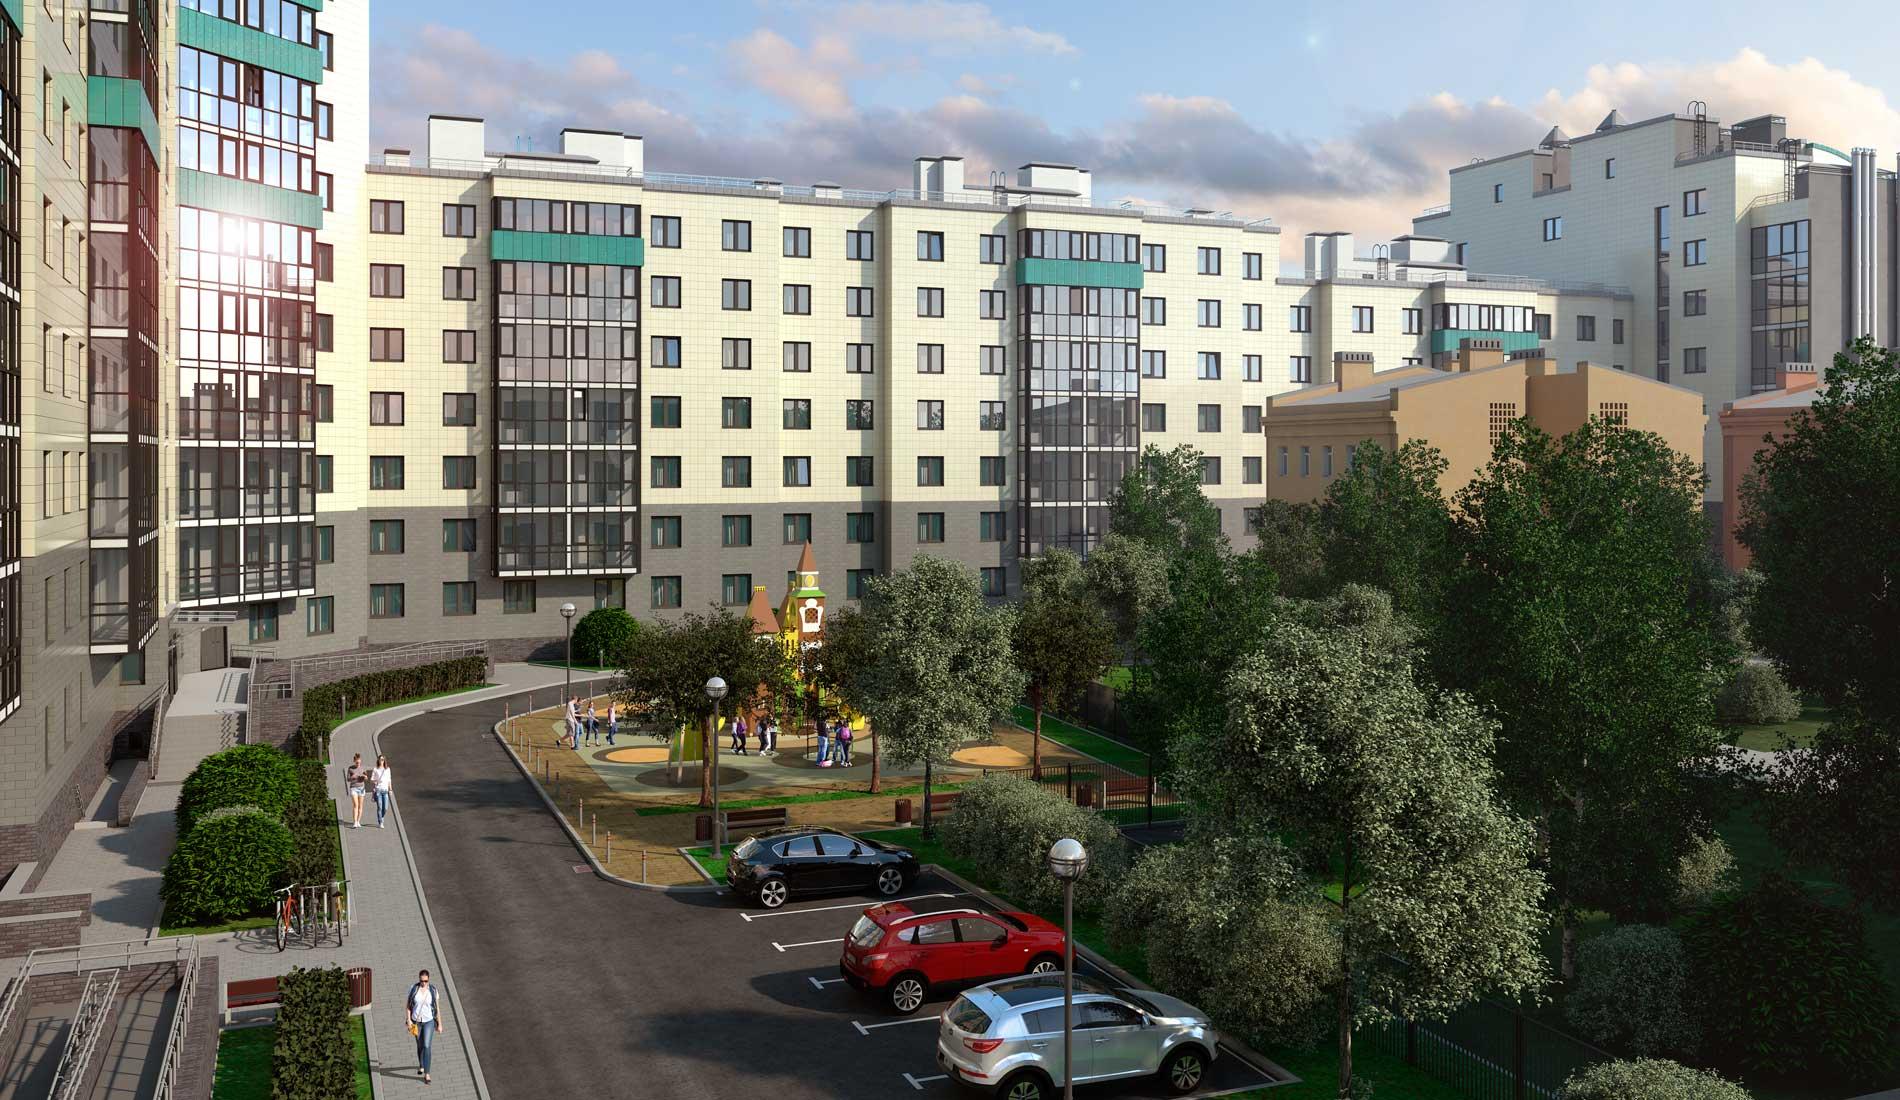 ЖК Днепропетровская 37 — Квартиры в современном жилом комплексе в центре Петербурга